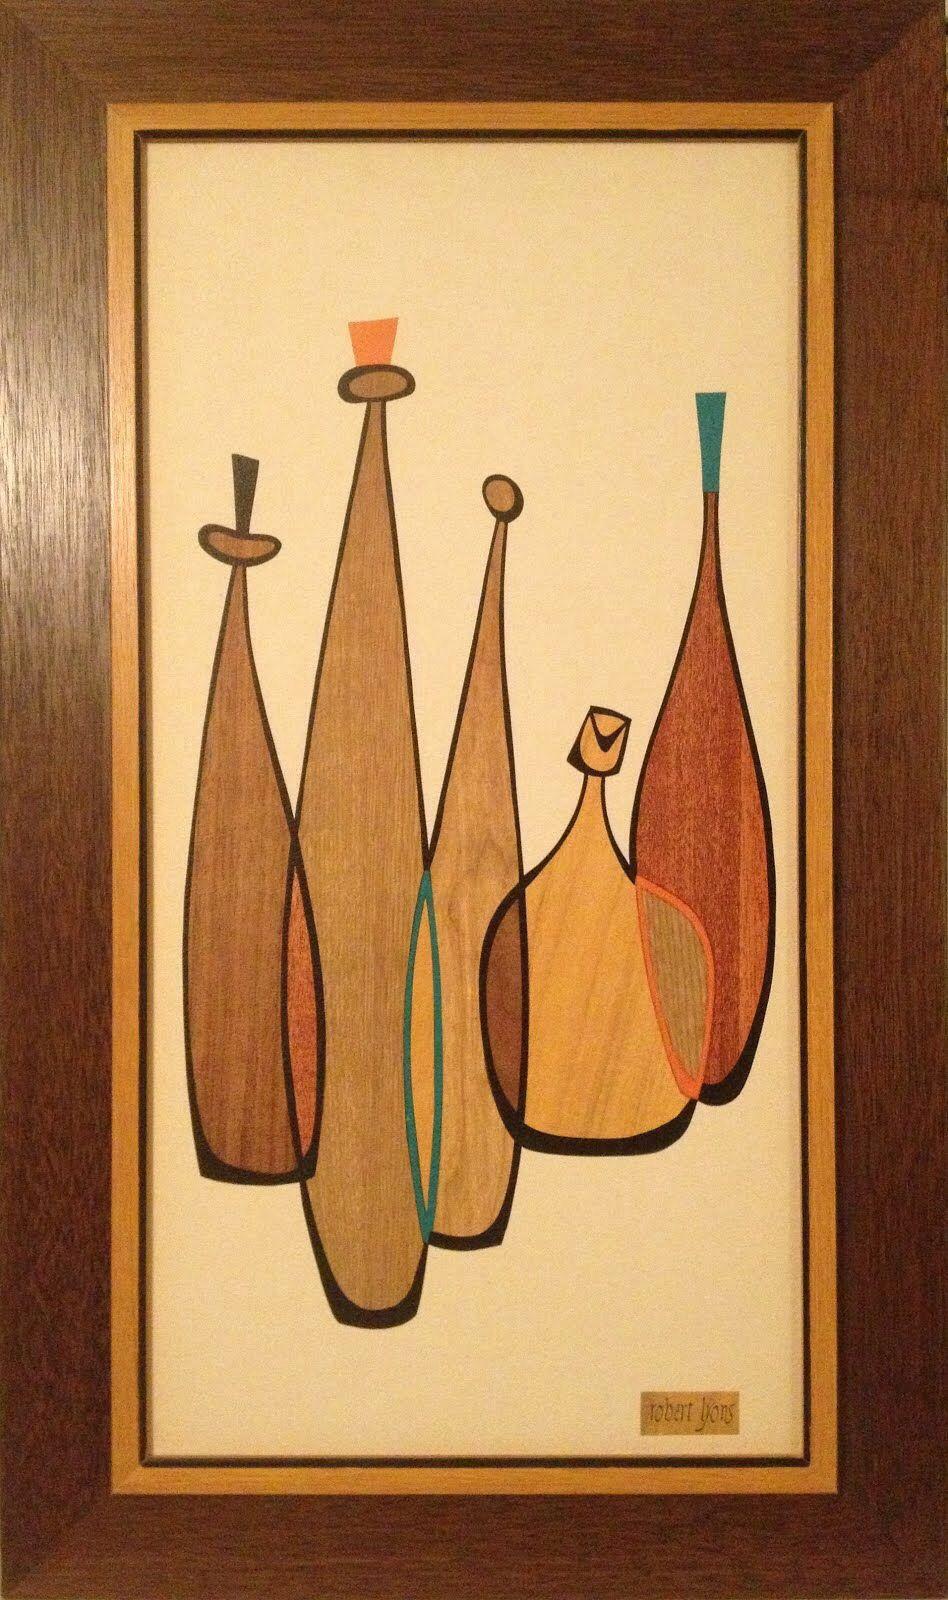 J lyon wood inlay mid century art mid century modern